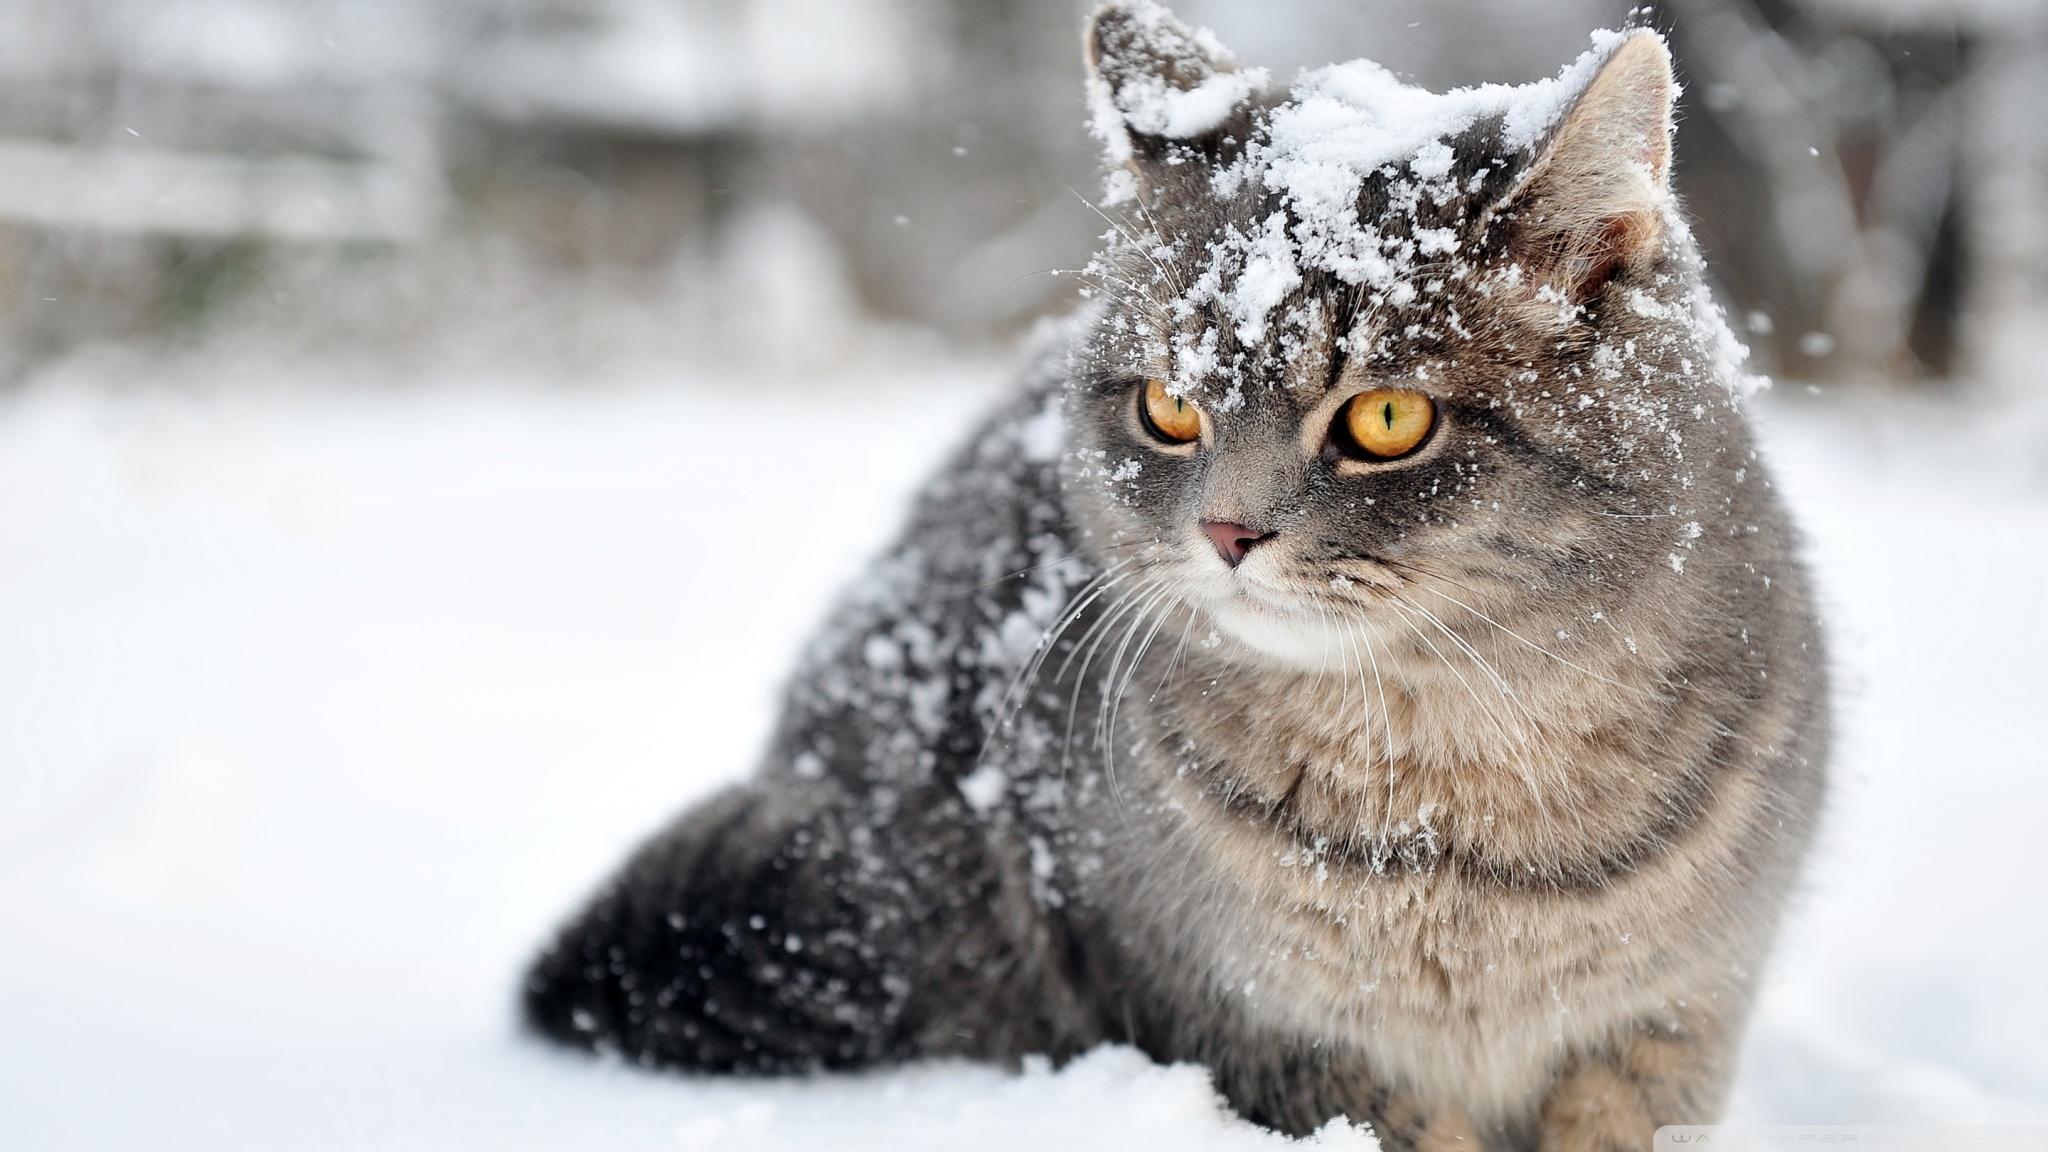 vigyázz a macskákra